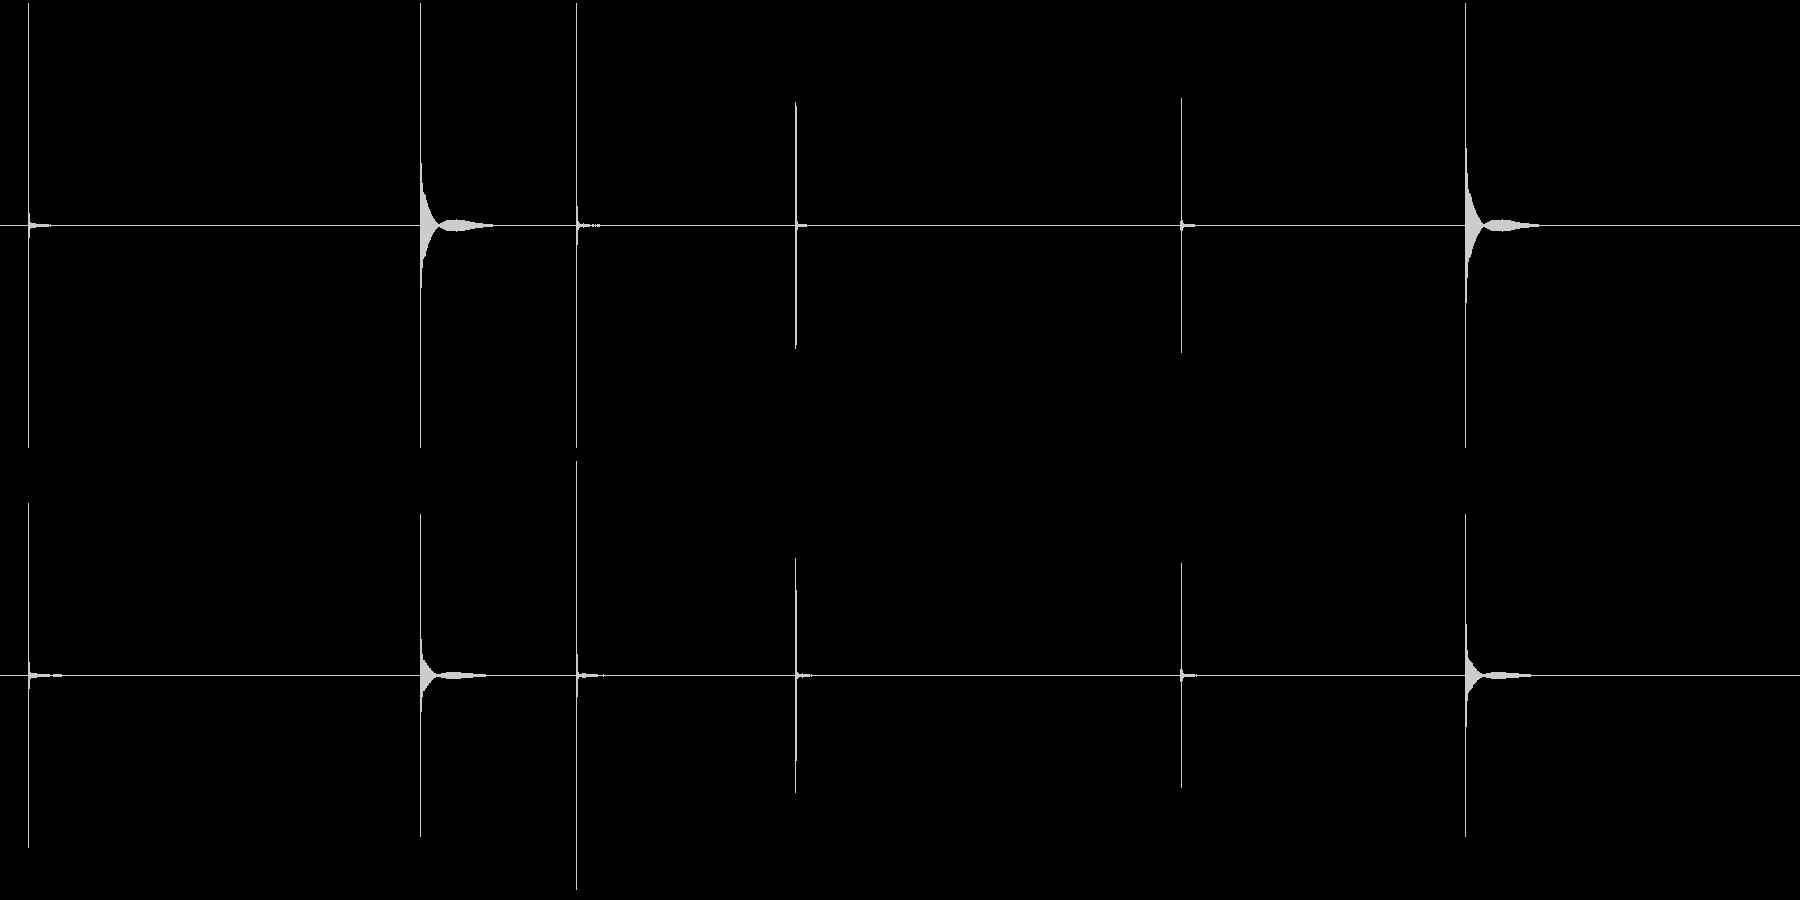 カチ(複数の爪を切る音)の未再生の波形